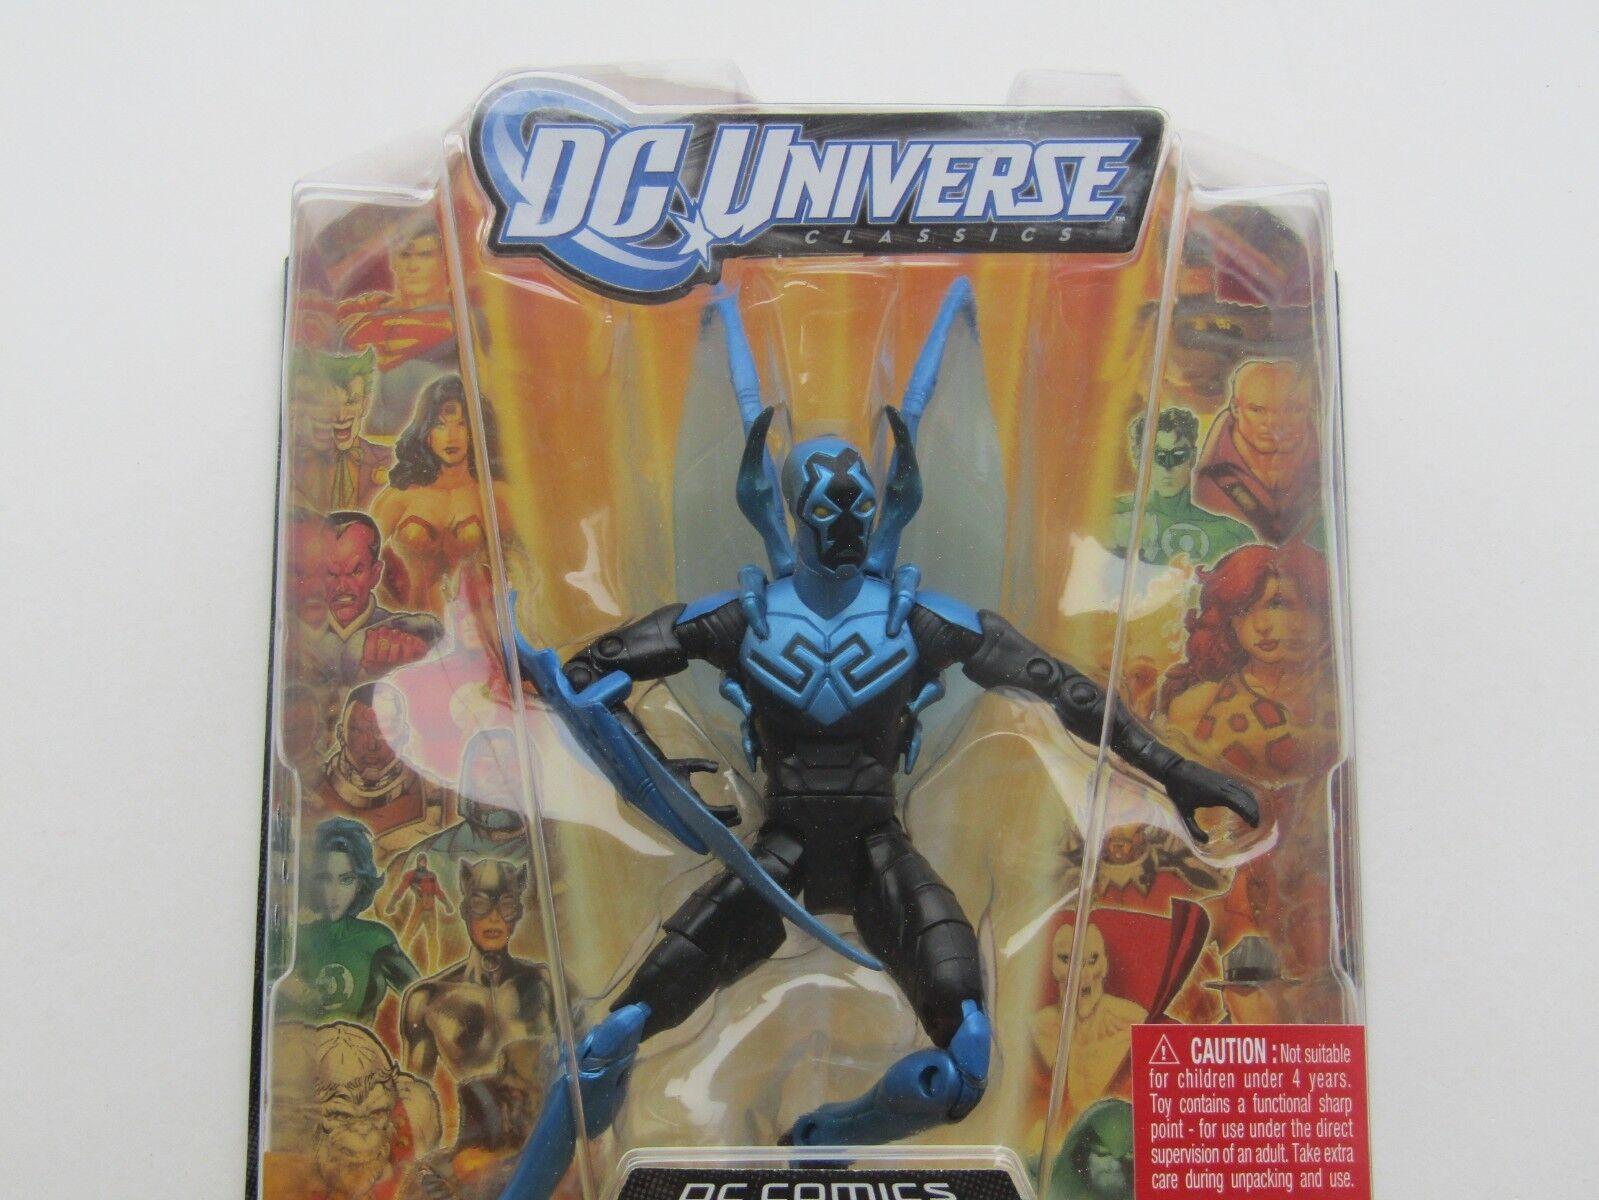 Mattel DCU Detective comics Universe Classics Classics bleu  Beetle Reyes  bas prix